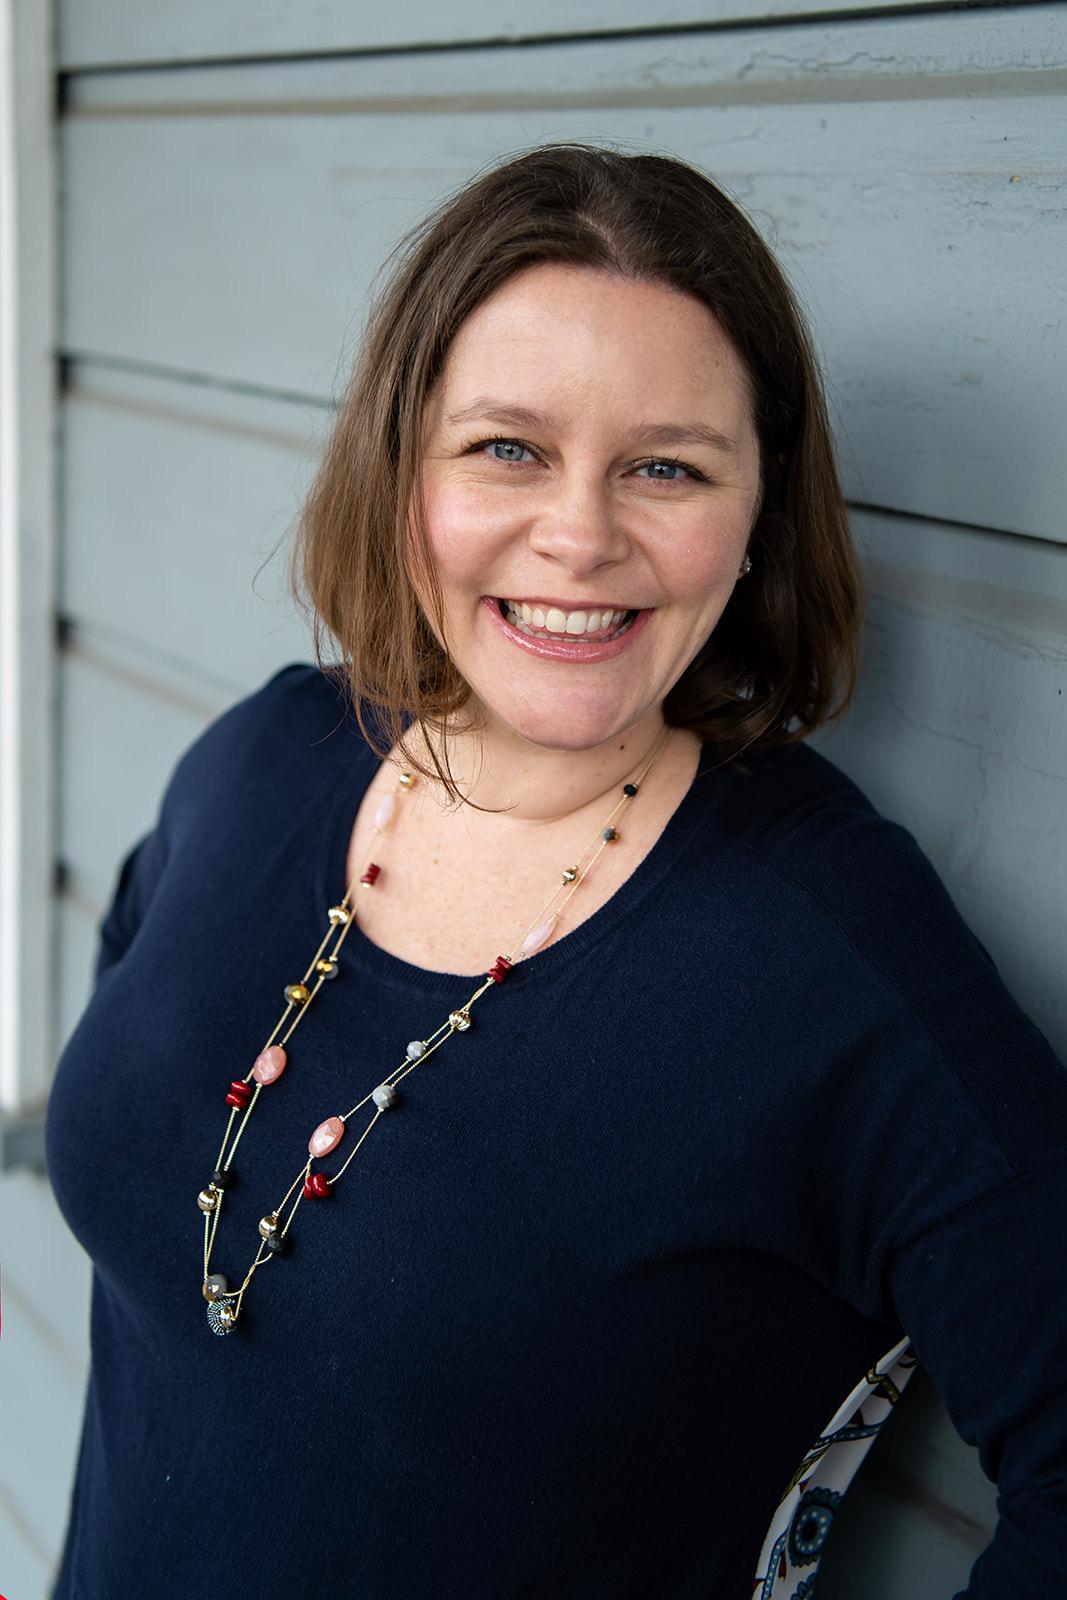 Michelle Glogovac